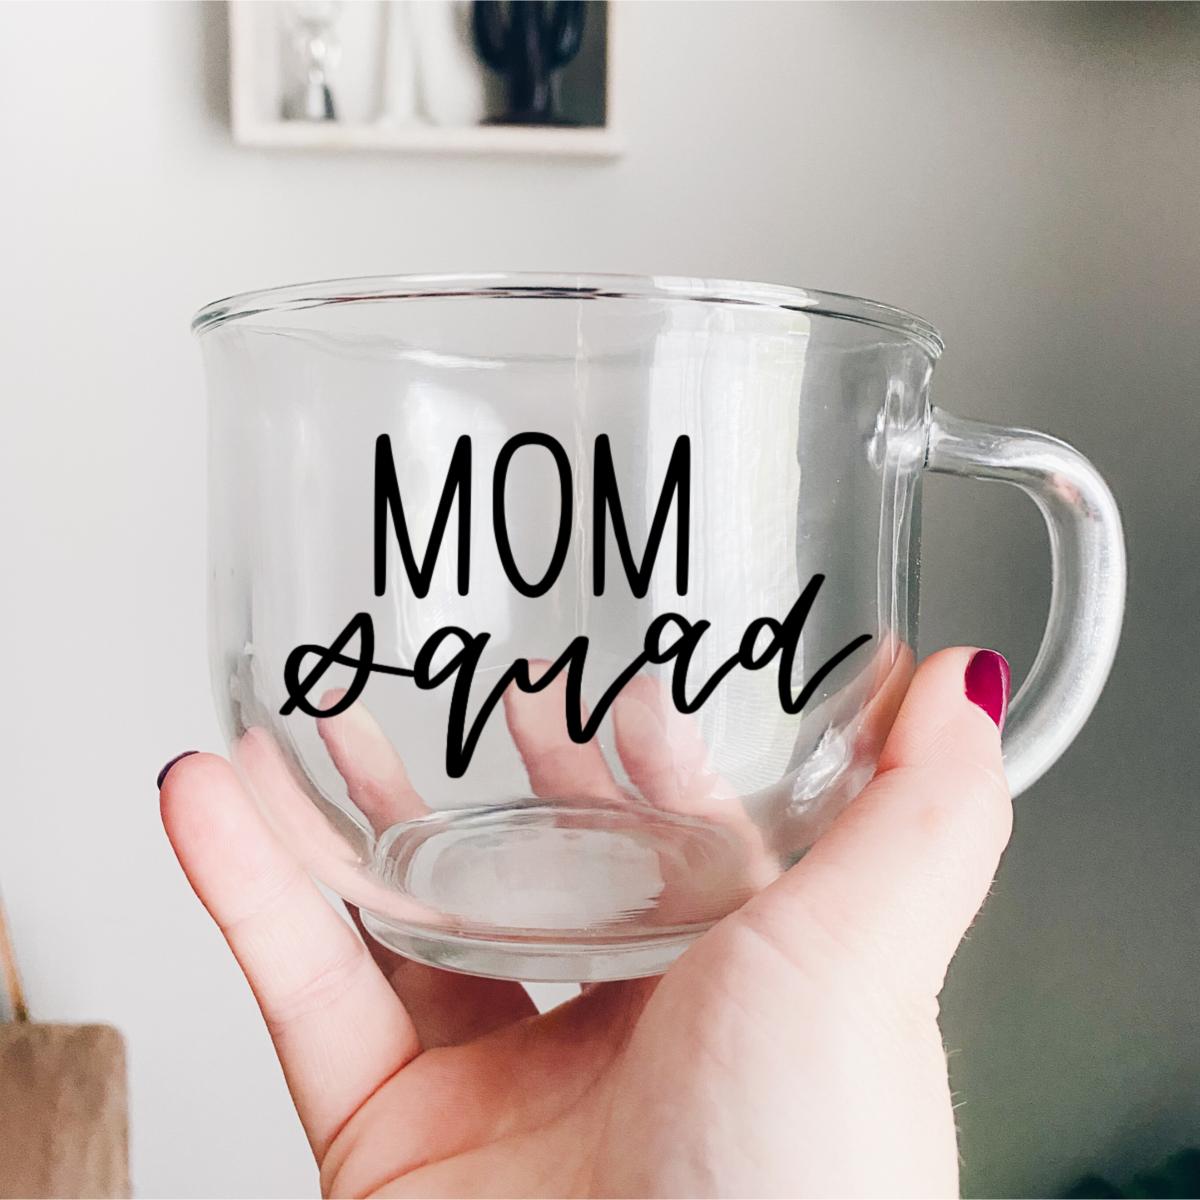 Mom Squad Glass Coffee Mug In 2020 Glass Coffee Mugs Unique Coffee Mugs Mugs